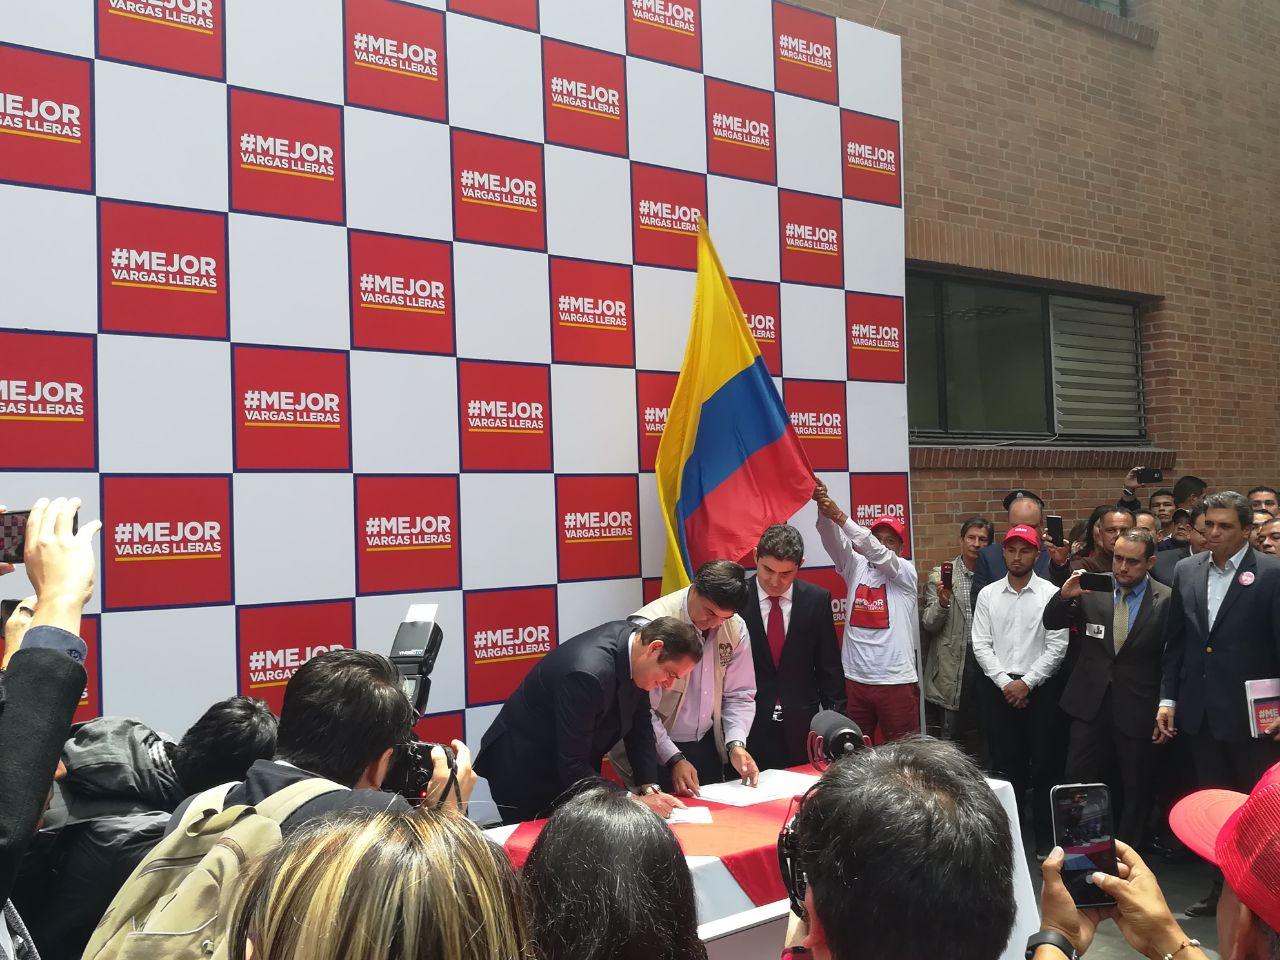 Germán Vargas Lleras inscribe su candidatura presidencial